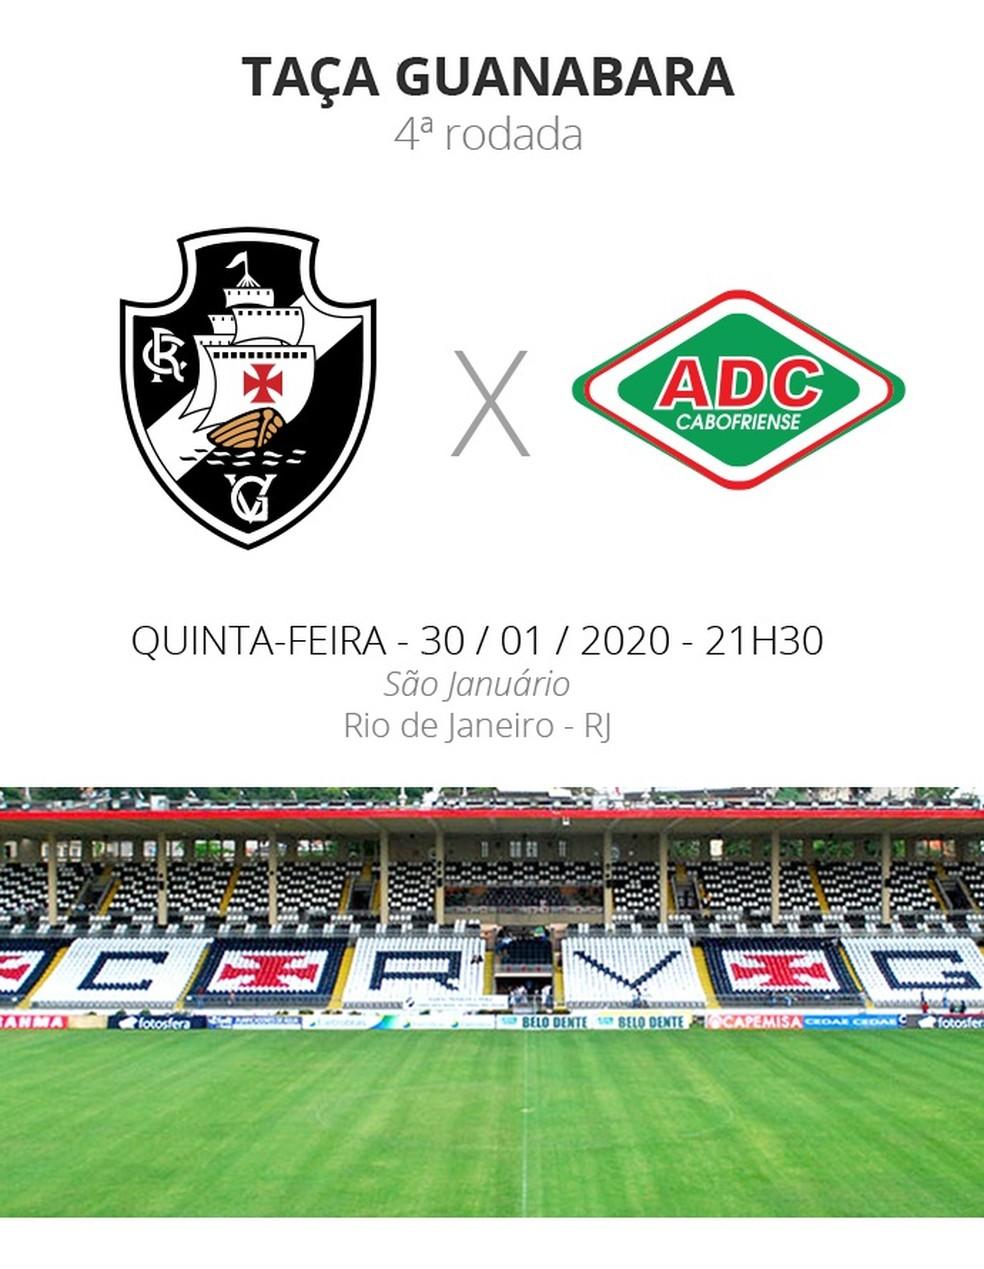 FICHA - VASCO X CABOFRIENSE - TAÇA GUANABARA 2020 — Foto: INFOESPORTE